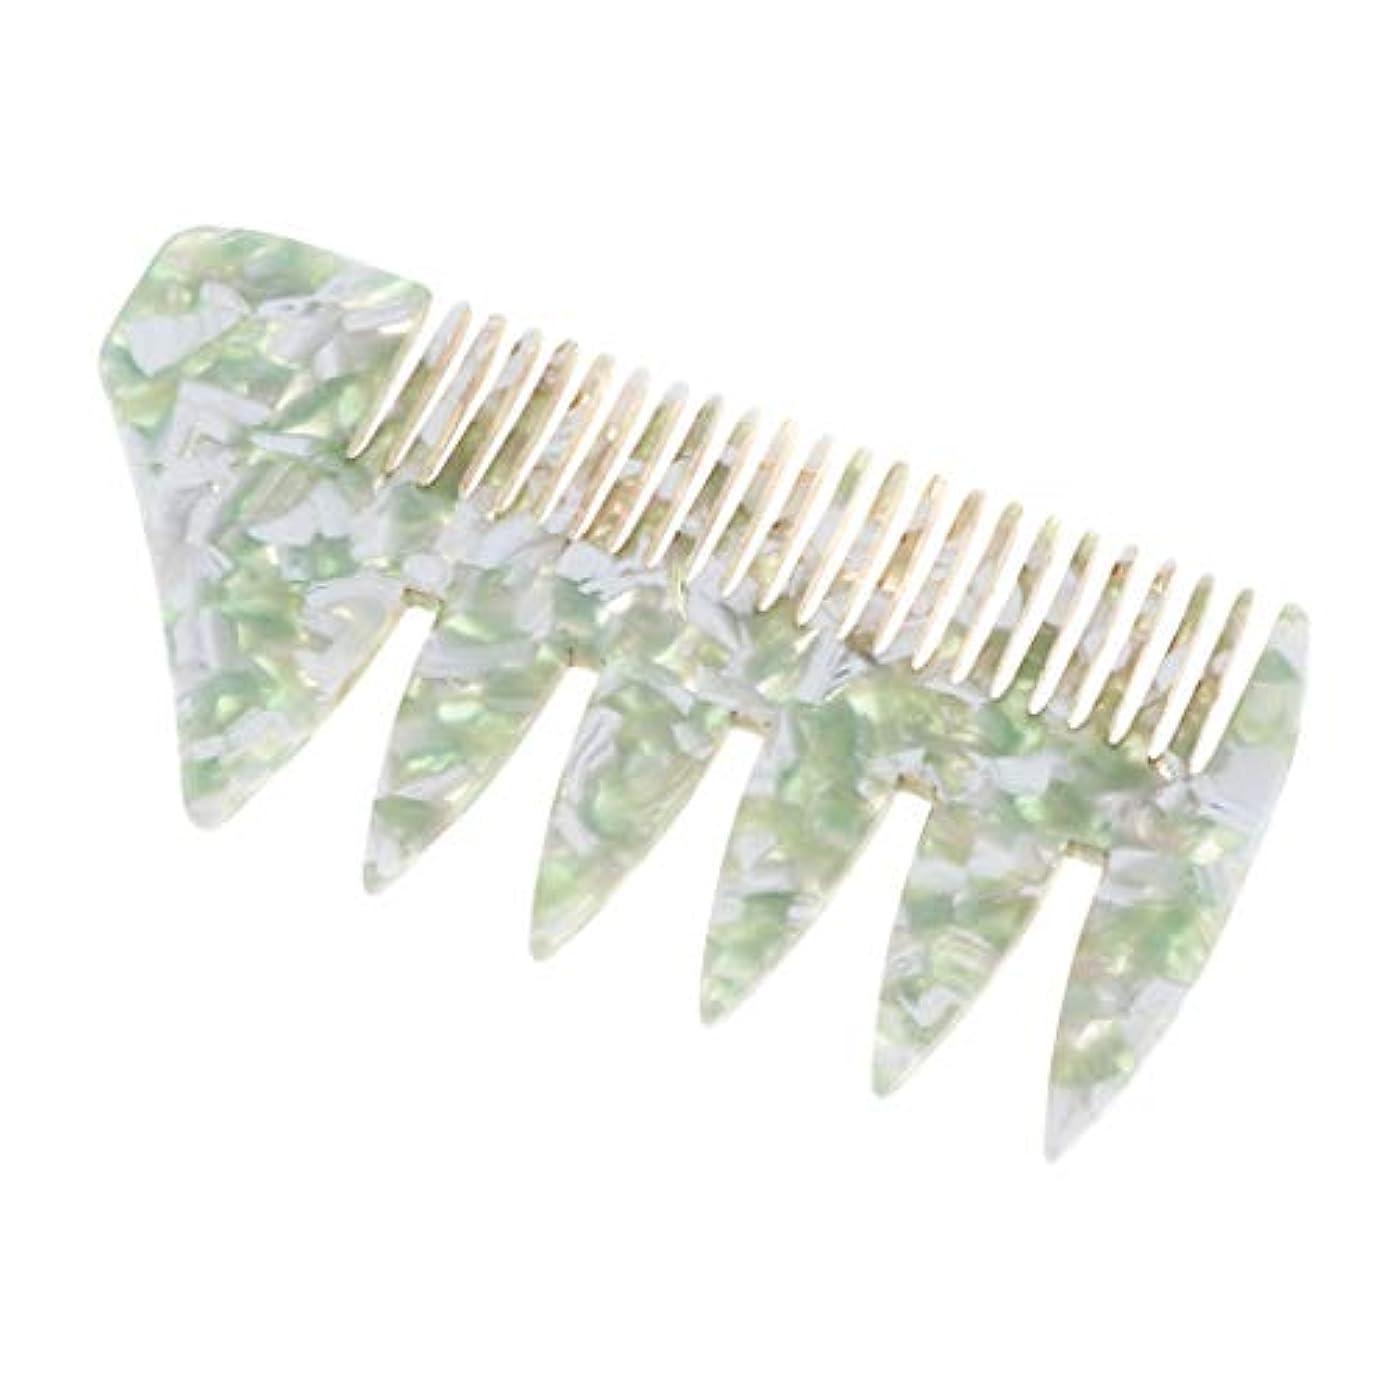 外交官批判アルファベットプラスチック 広い歯 ヘアスタイリング櫛 くし 全4色 - 緑